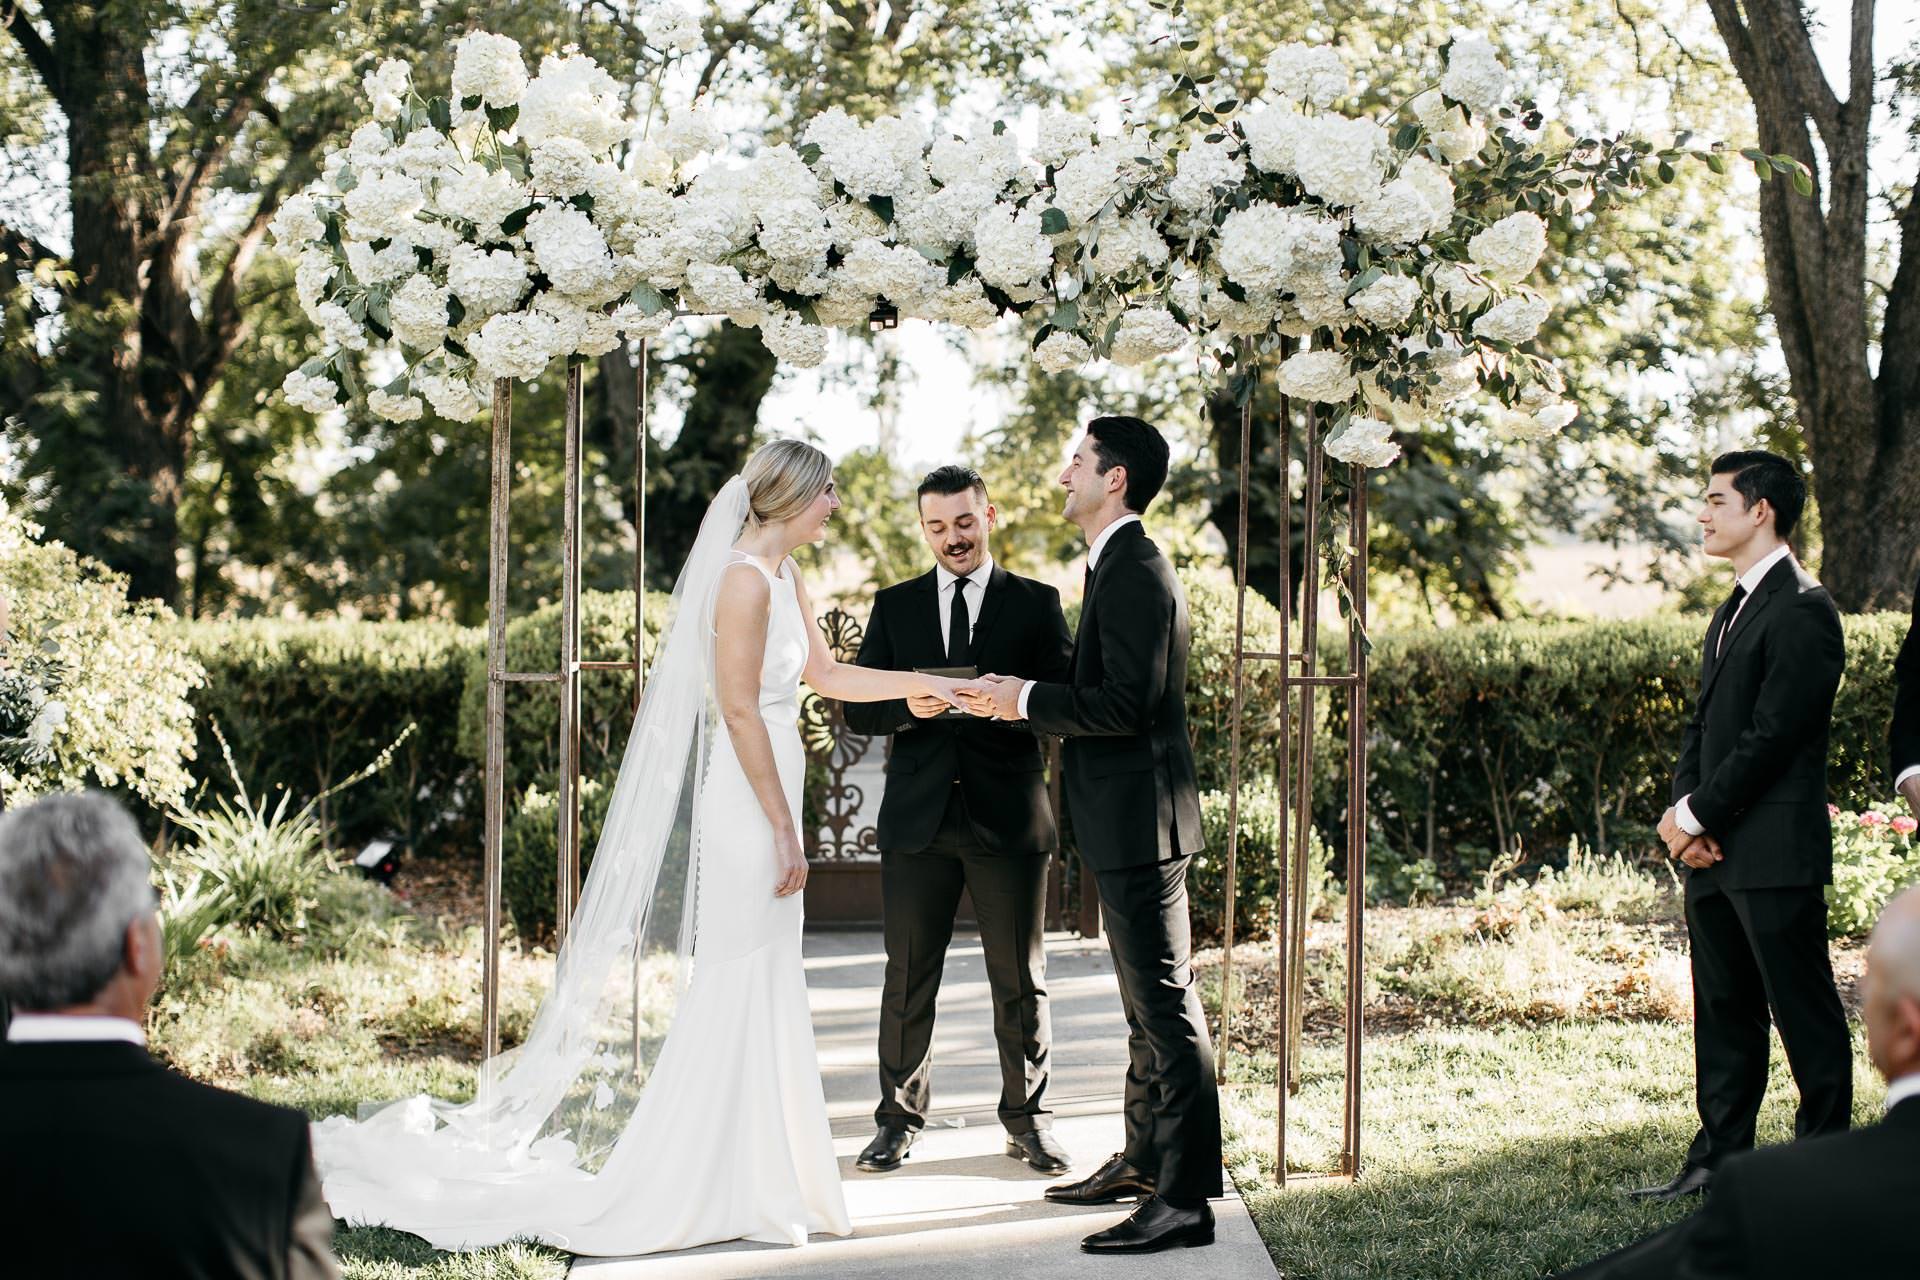 lauren_graham_wedding_california_park_winters_jeanlaurentgaudy_053